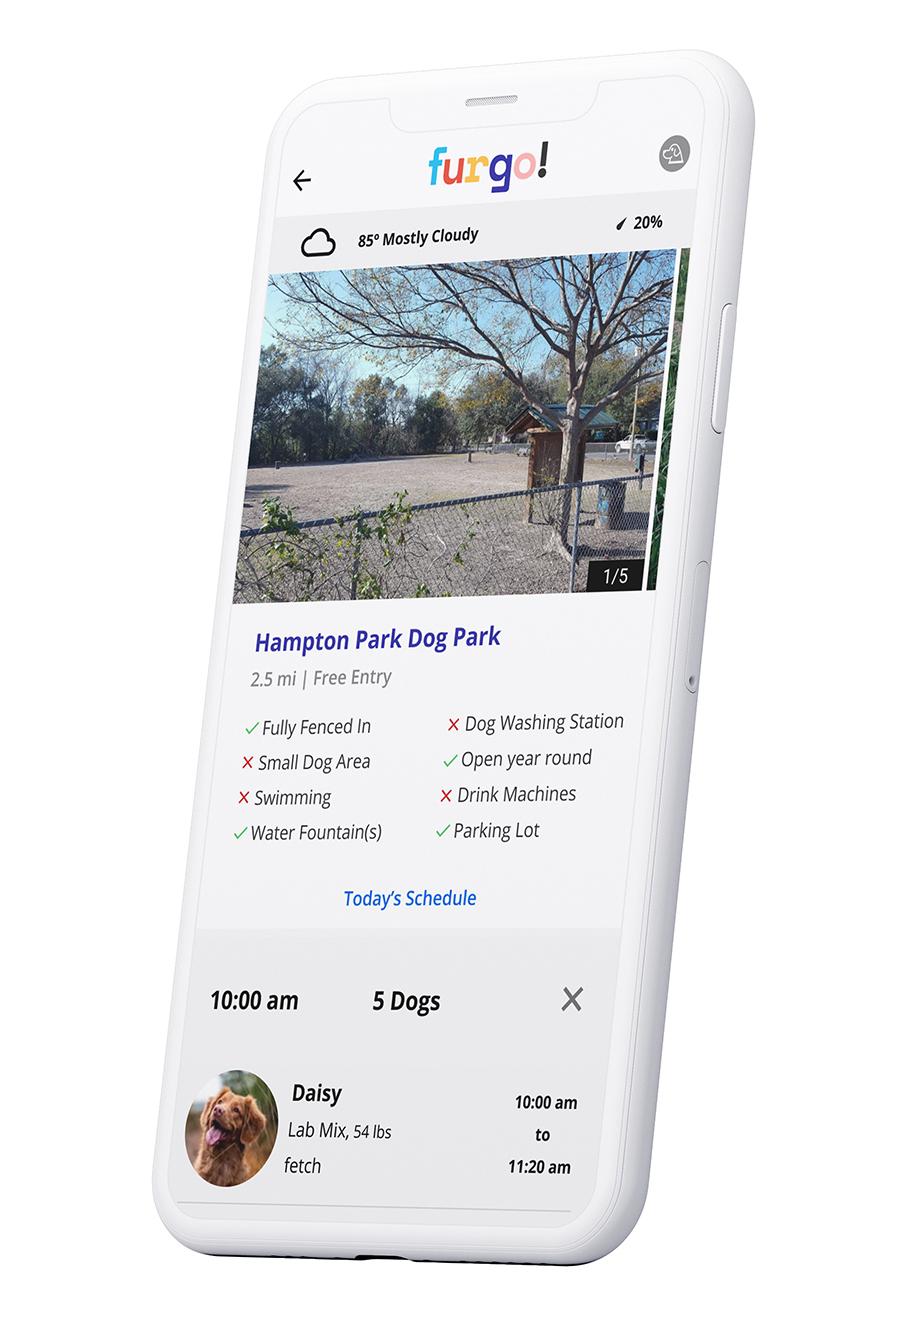 Furgo dog park app